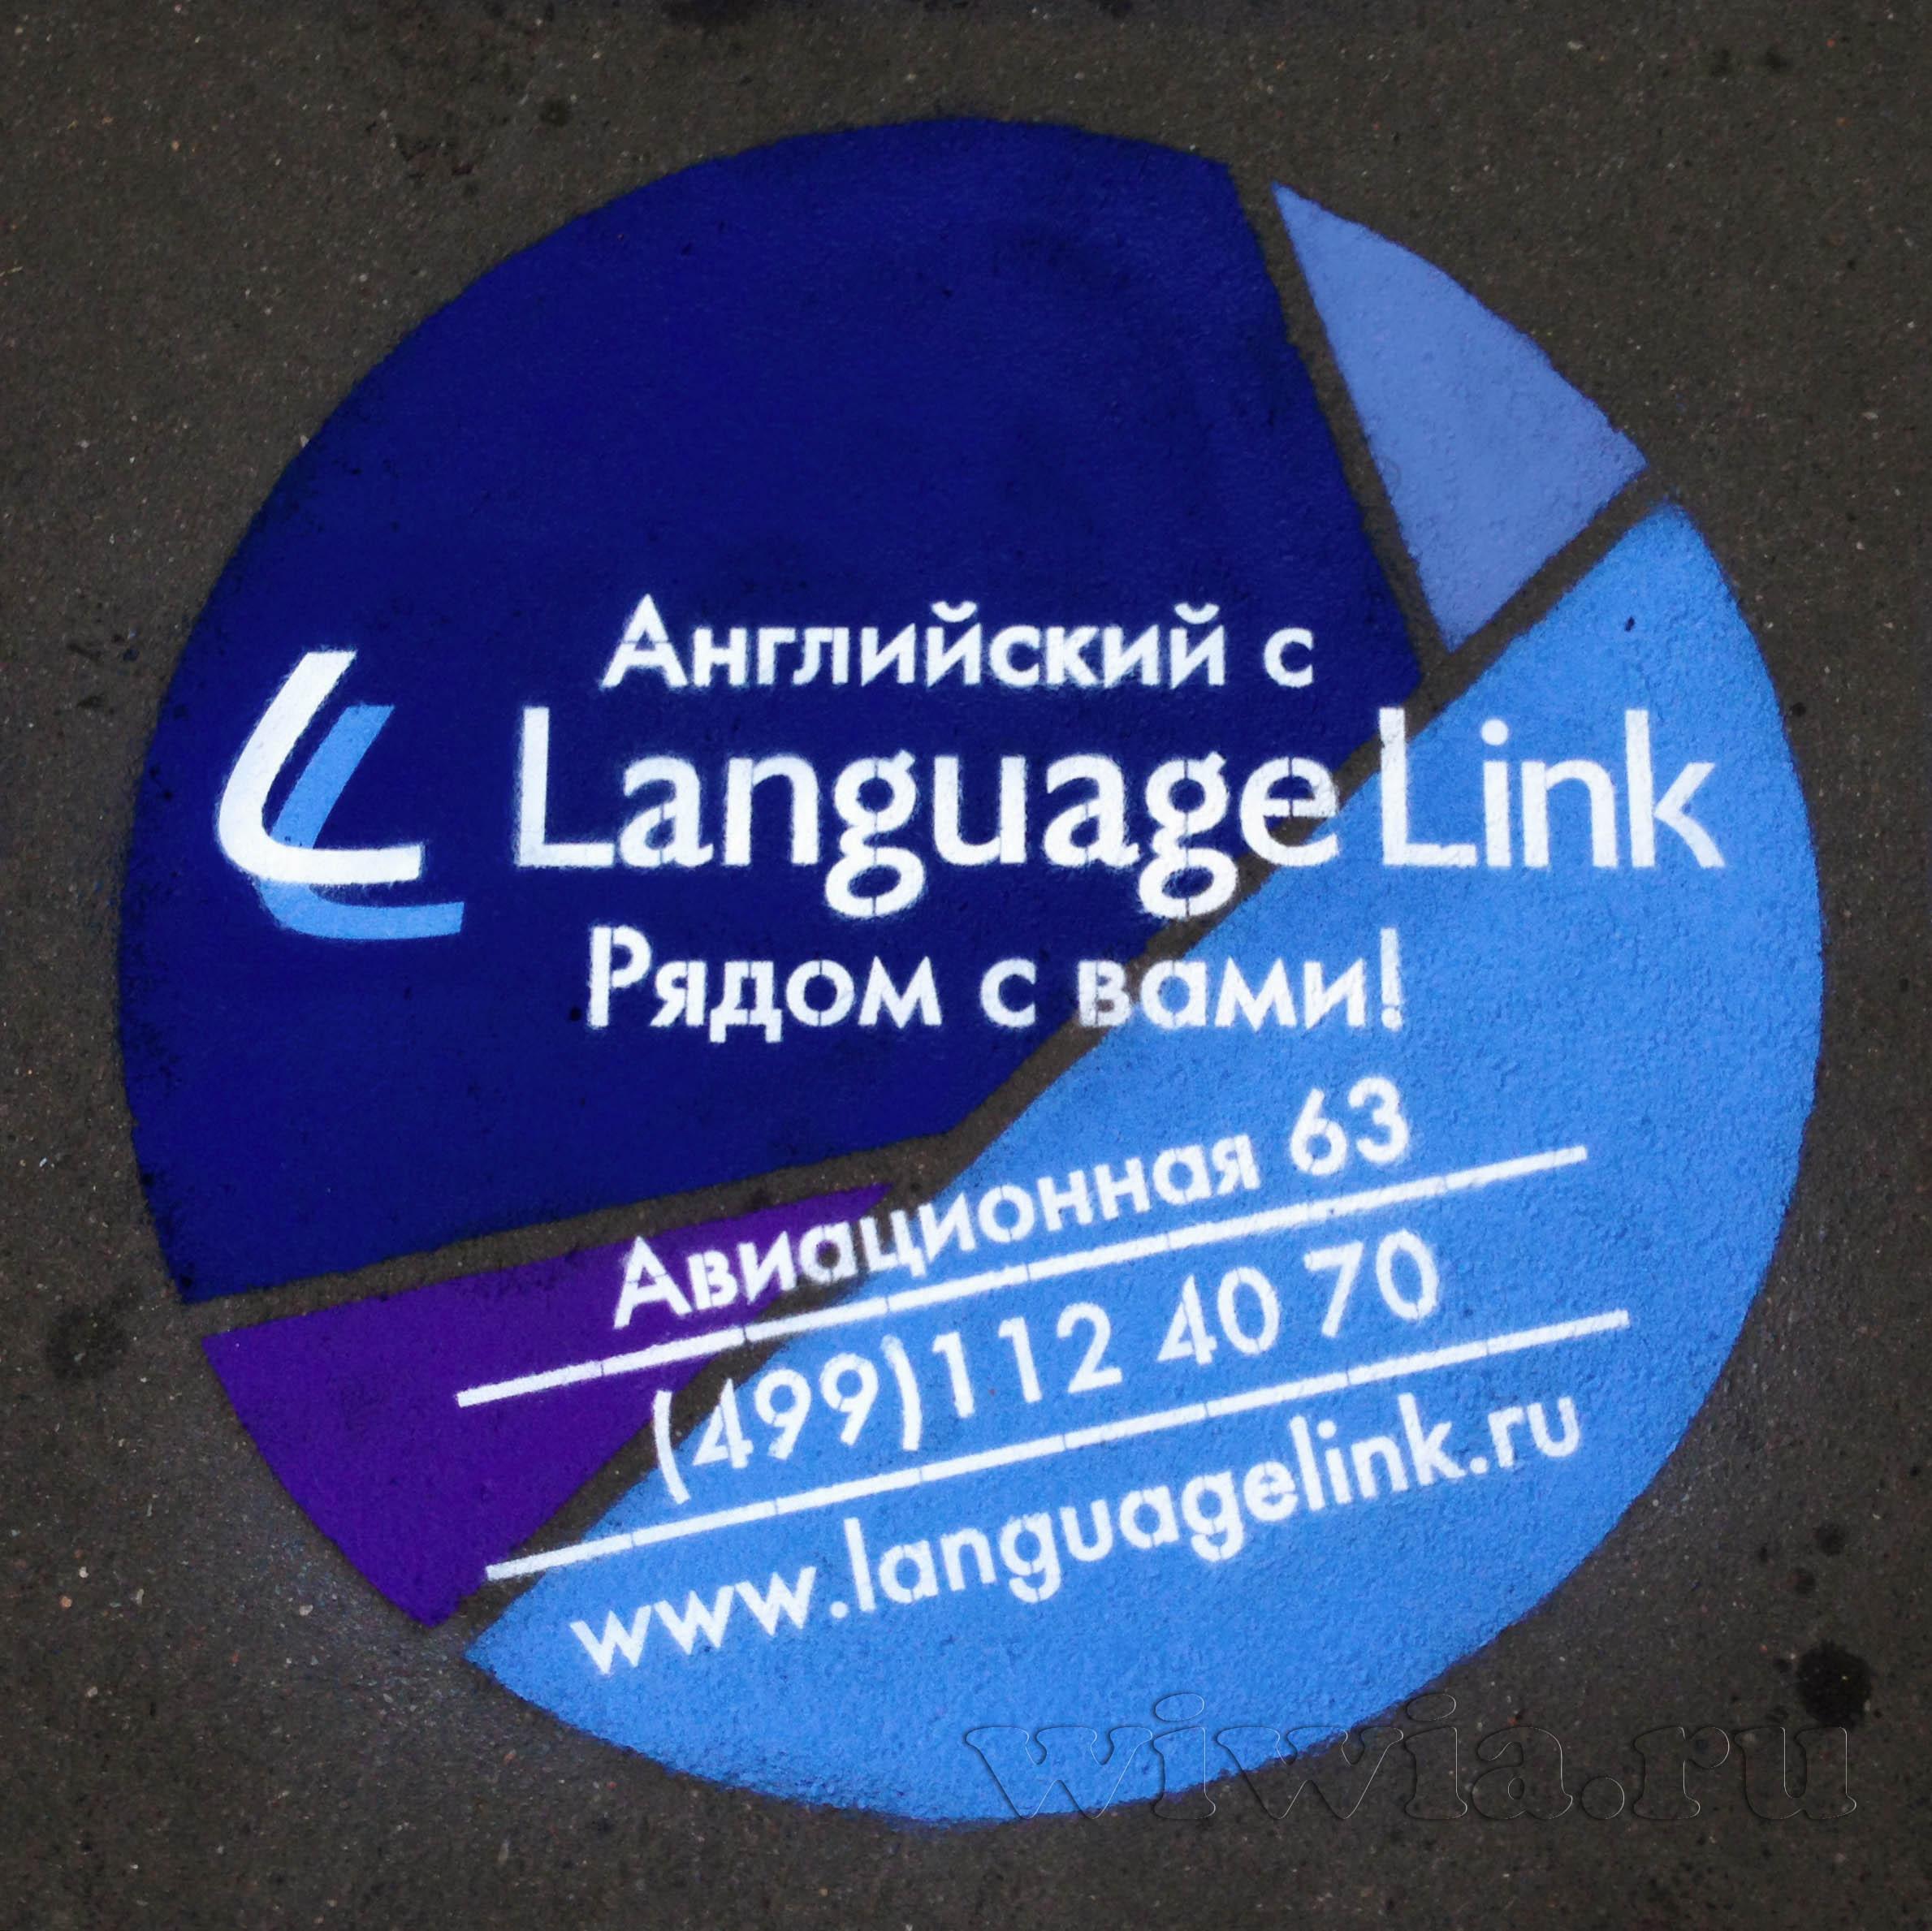 Принты на асфальте. Language Link.